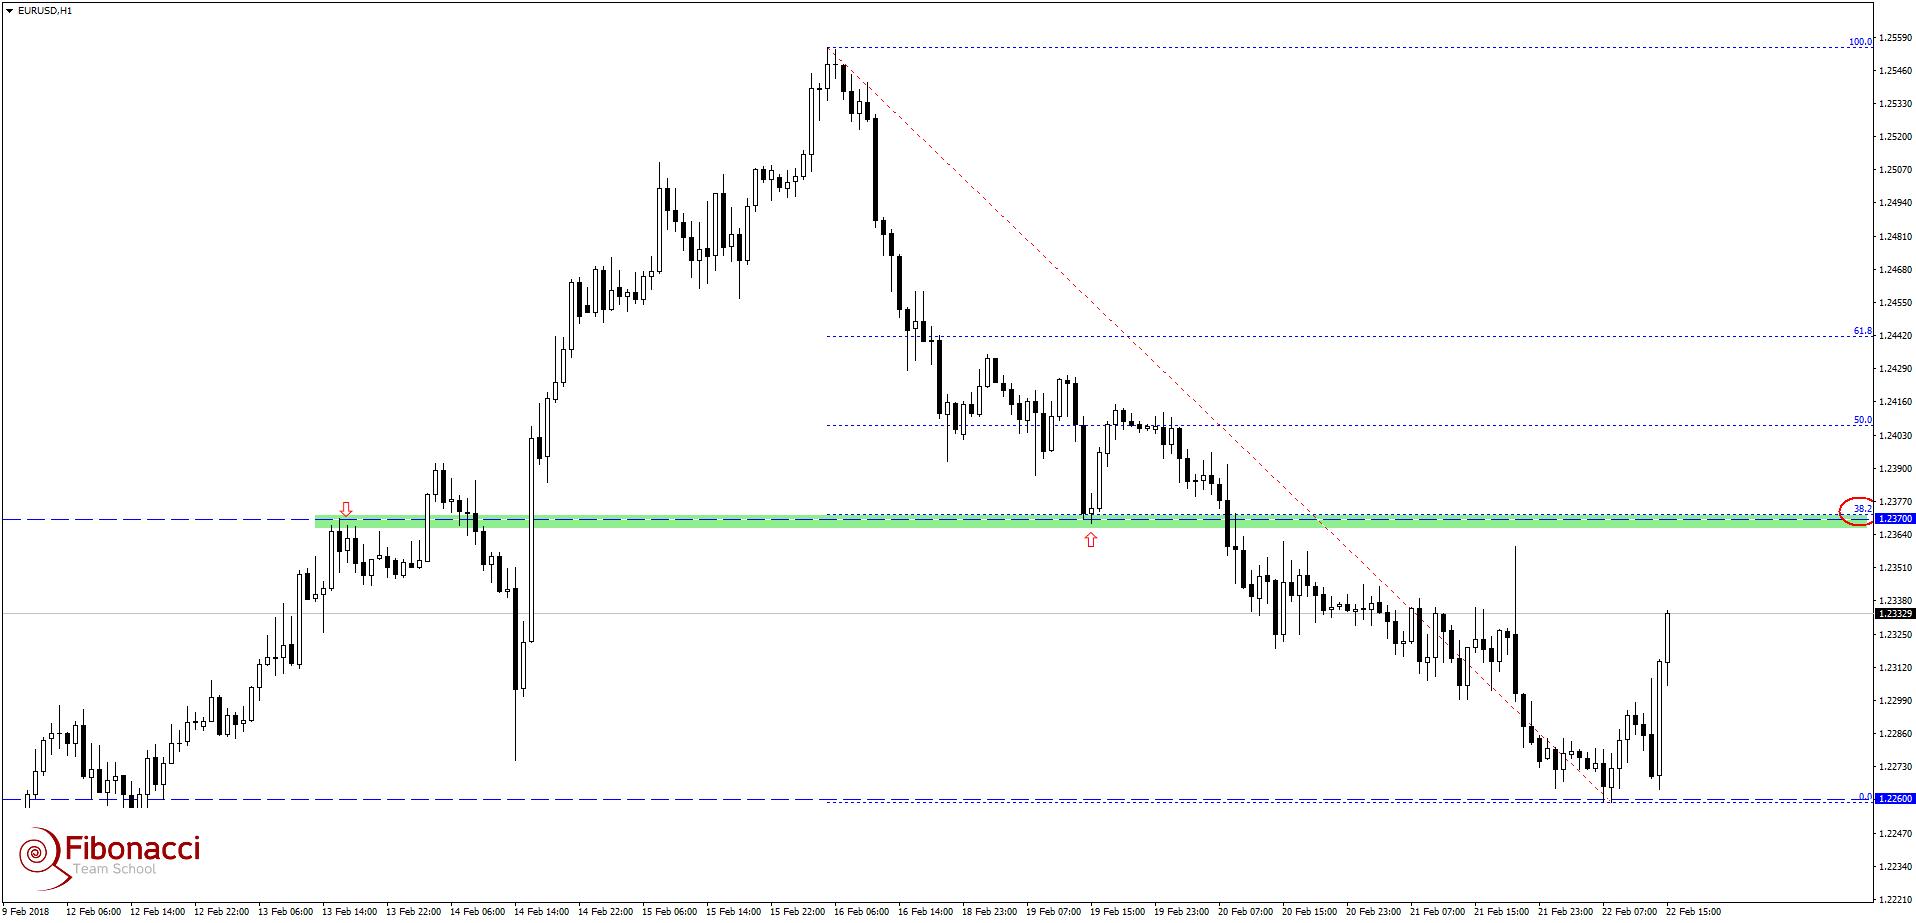 Jaki sentyment panuje na głównej parze walutowej?